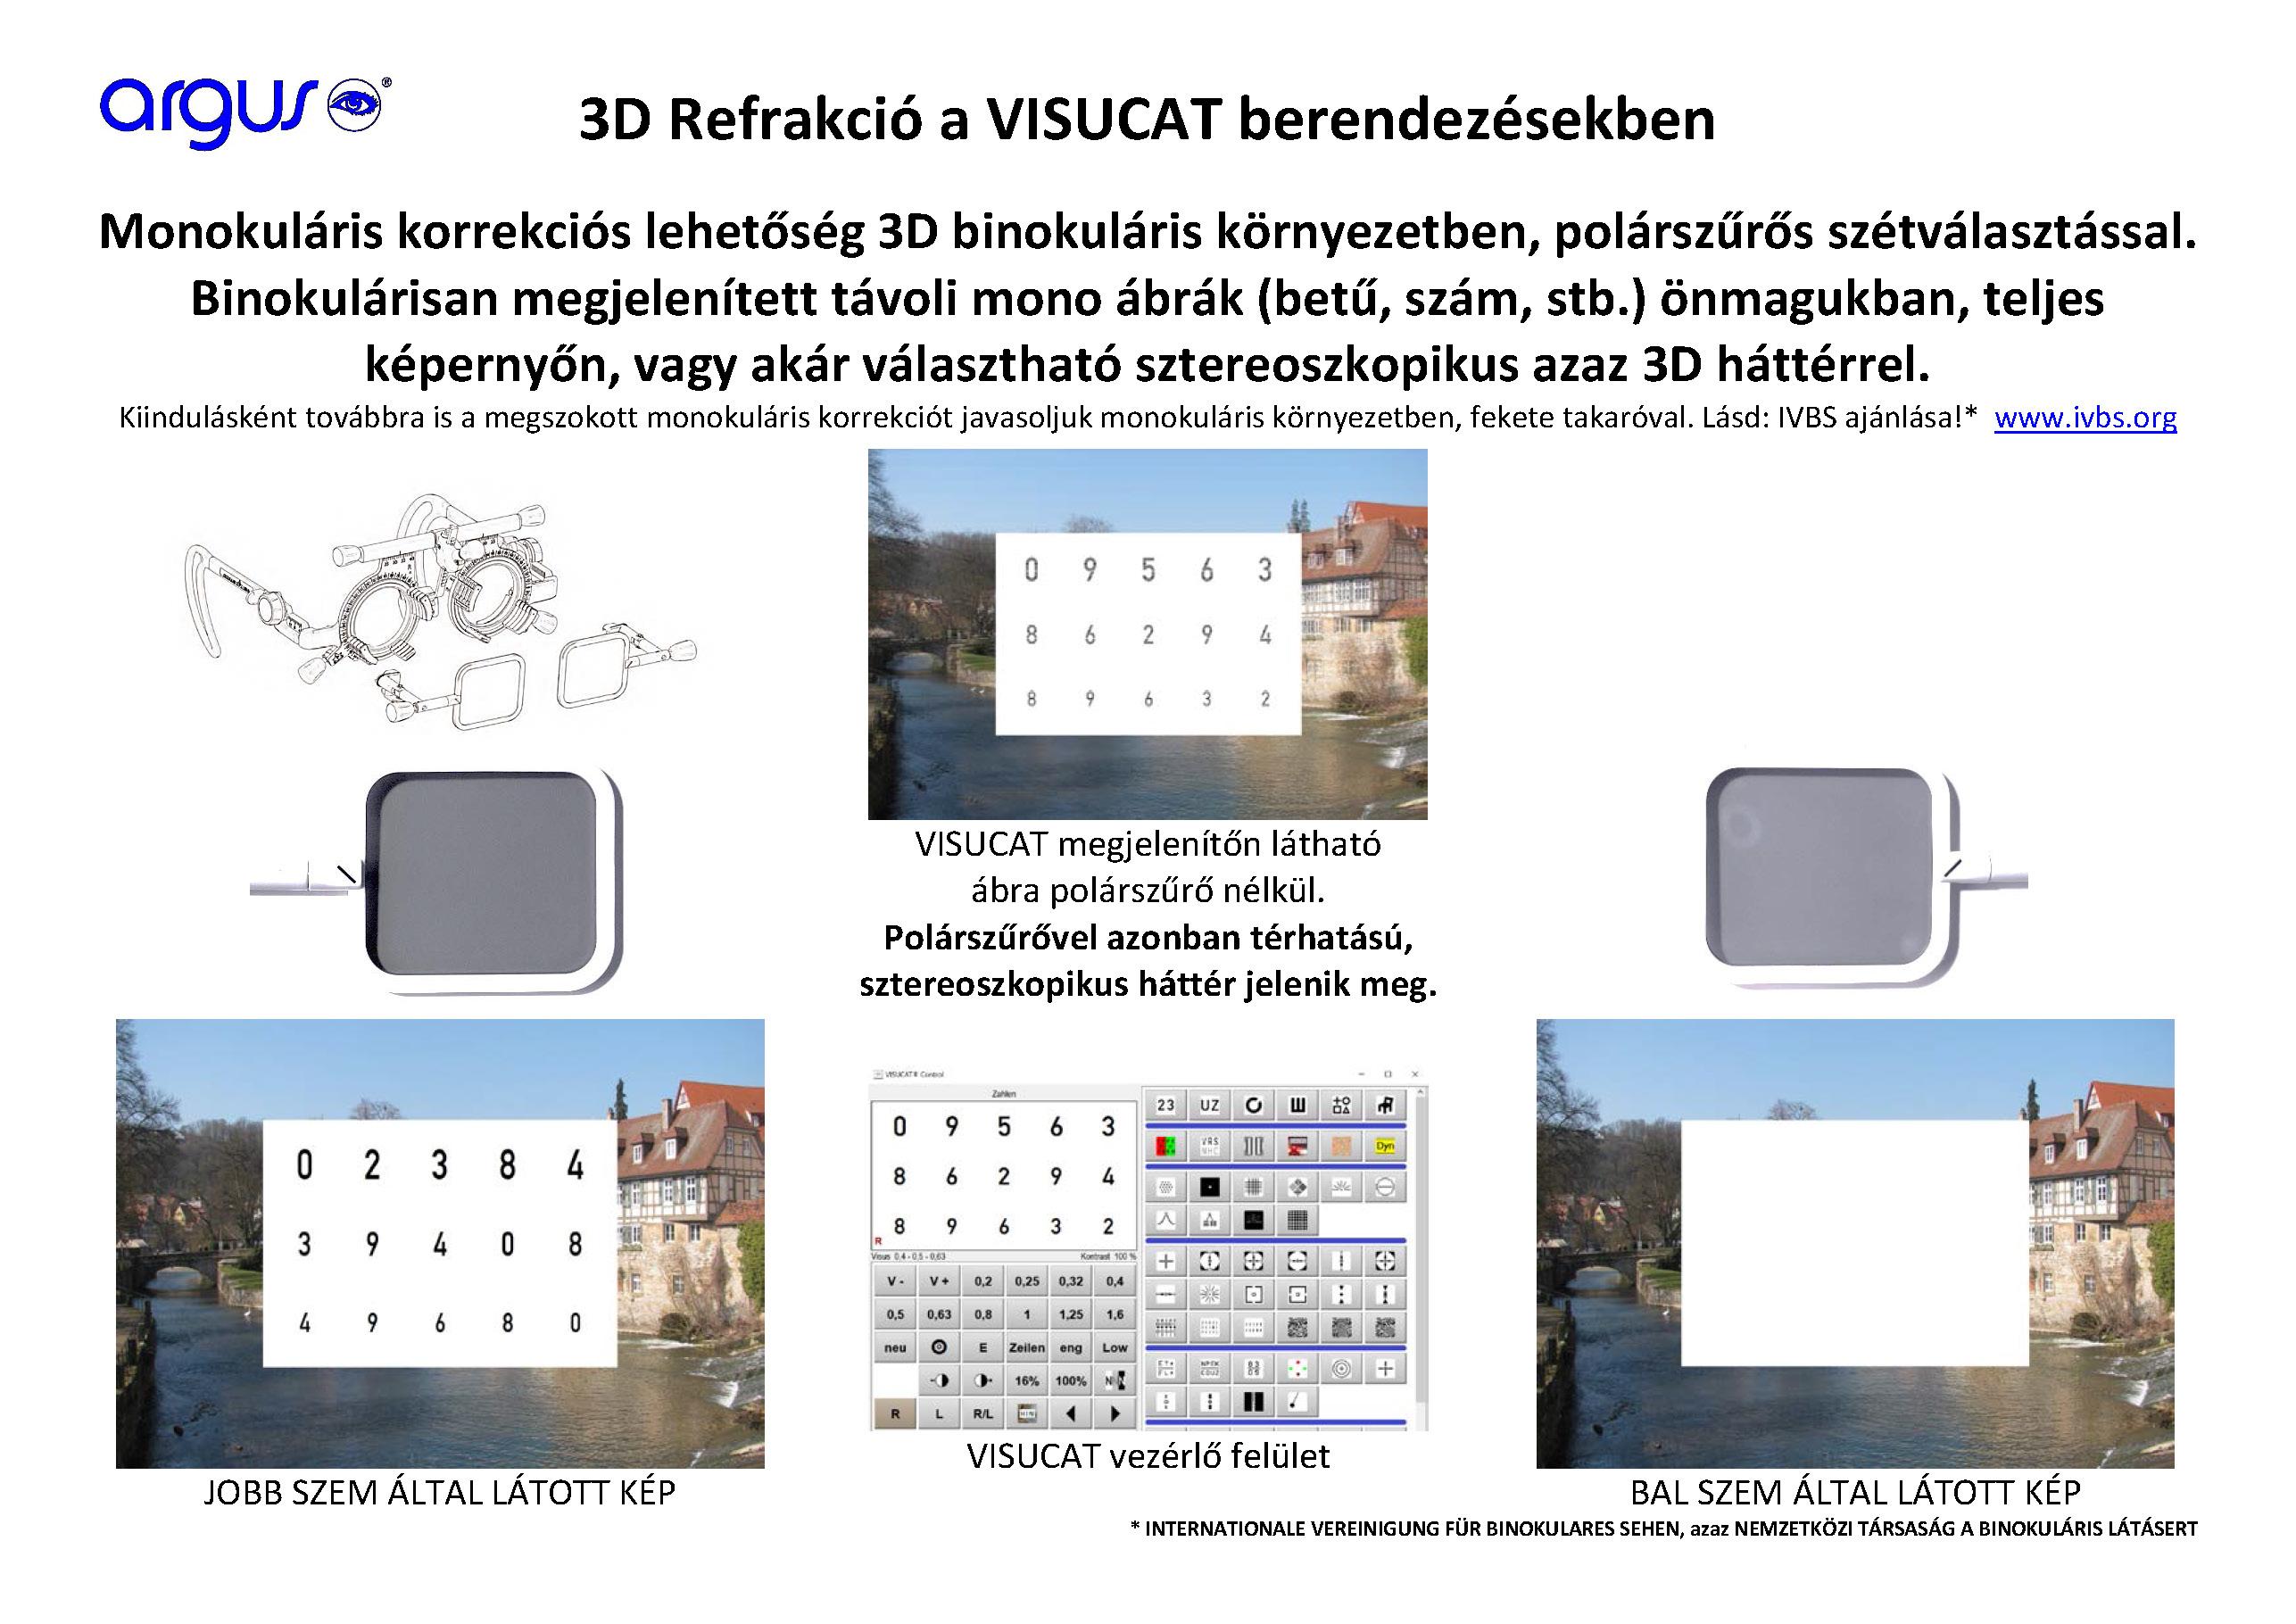 látásélesség-vizsgálati módszerek ászanák, amelyek javítják a látást